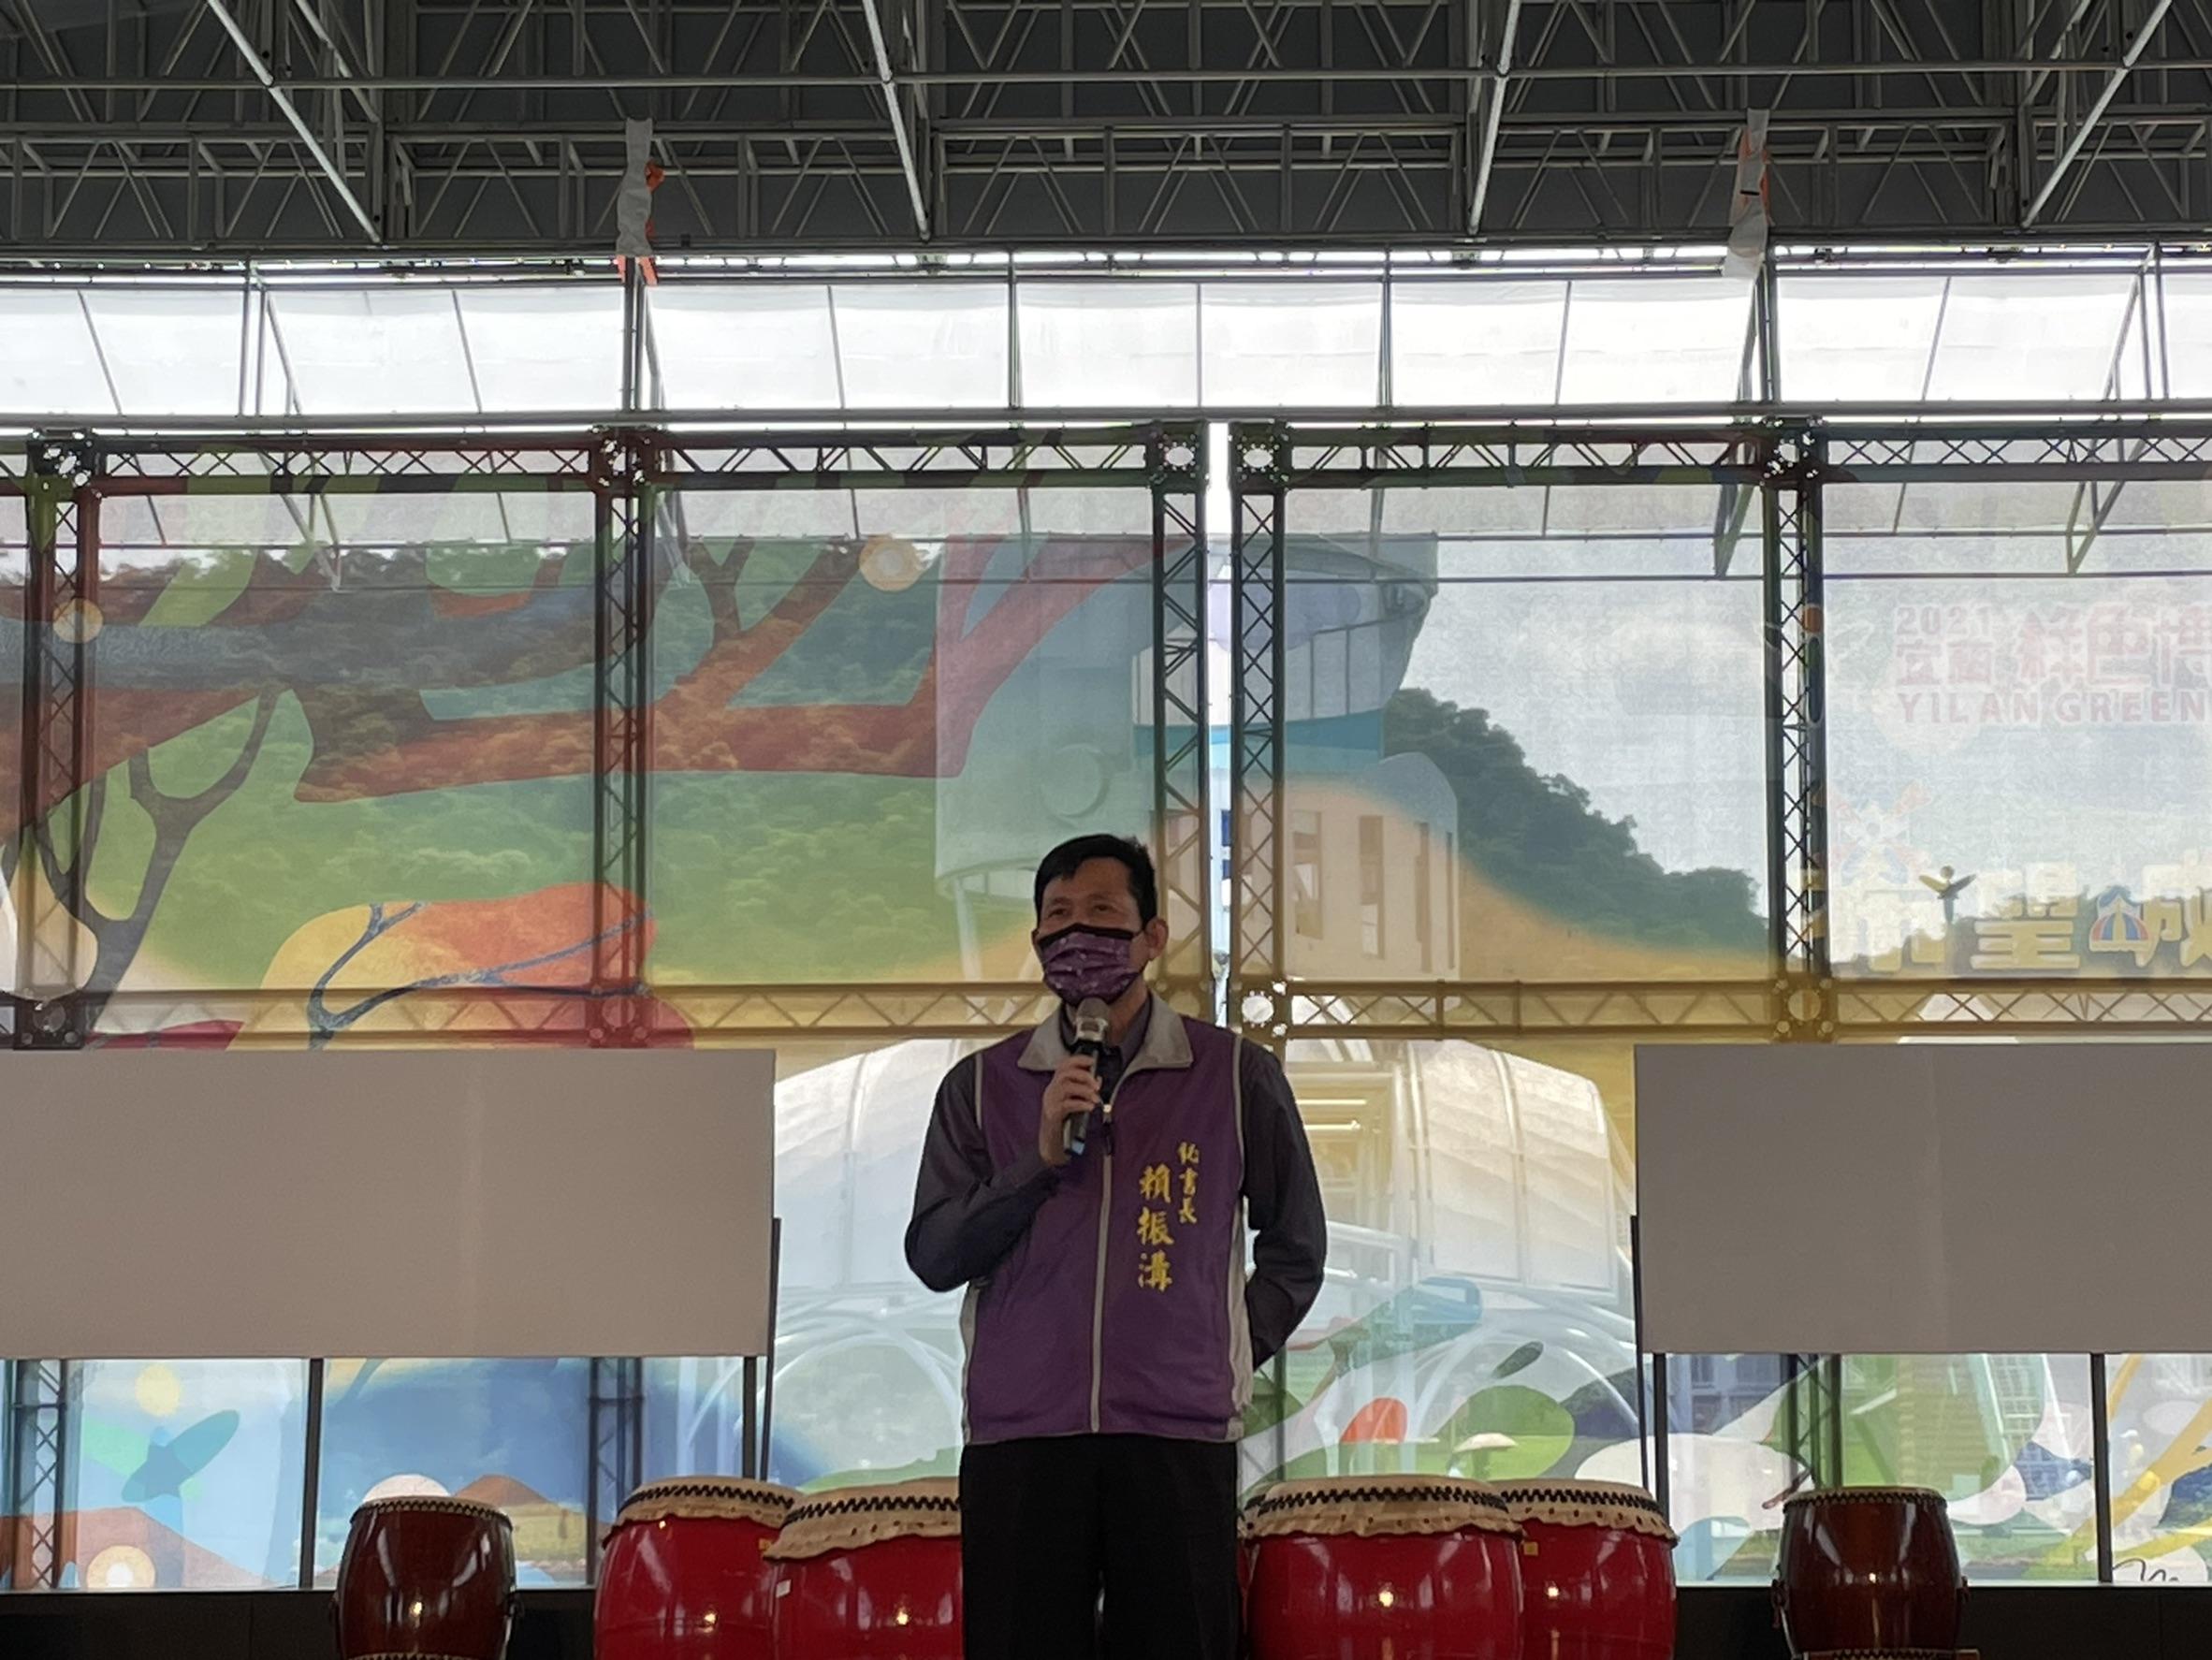 彰化優鮮進軍2021宜蘭綠色博覽會 「彰化物產館」27日開幕